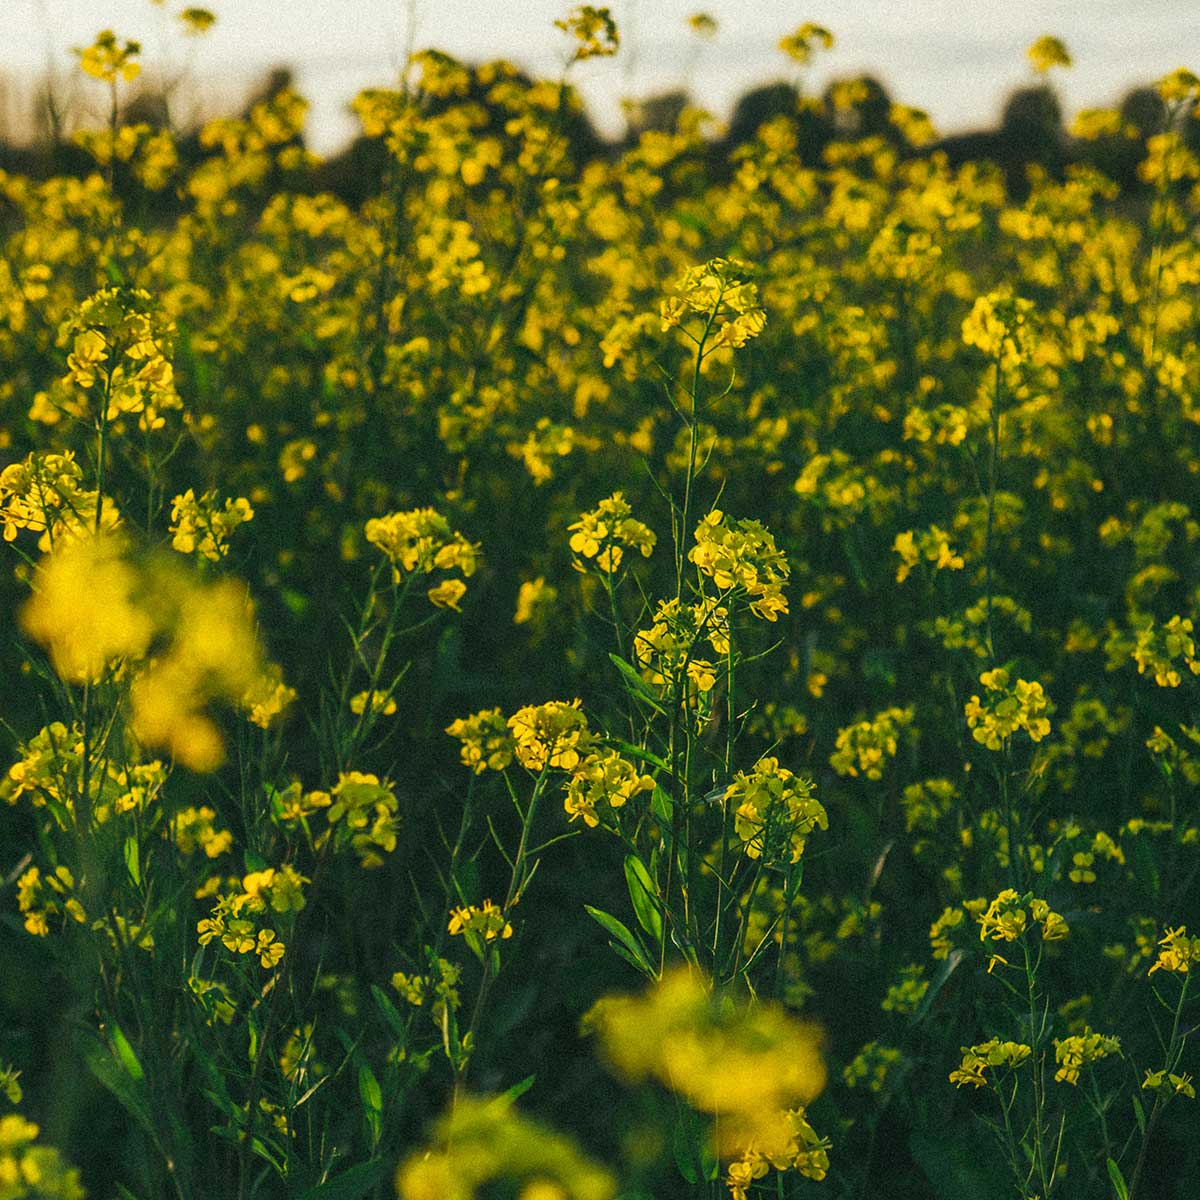 10 mejores plantas para otoño - Brassica